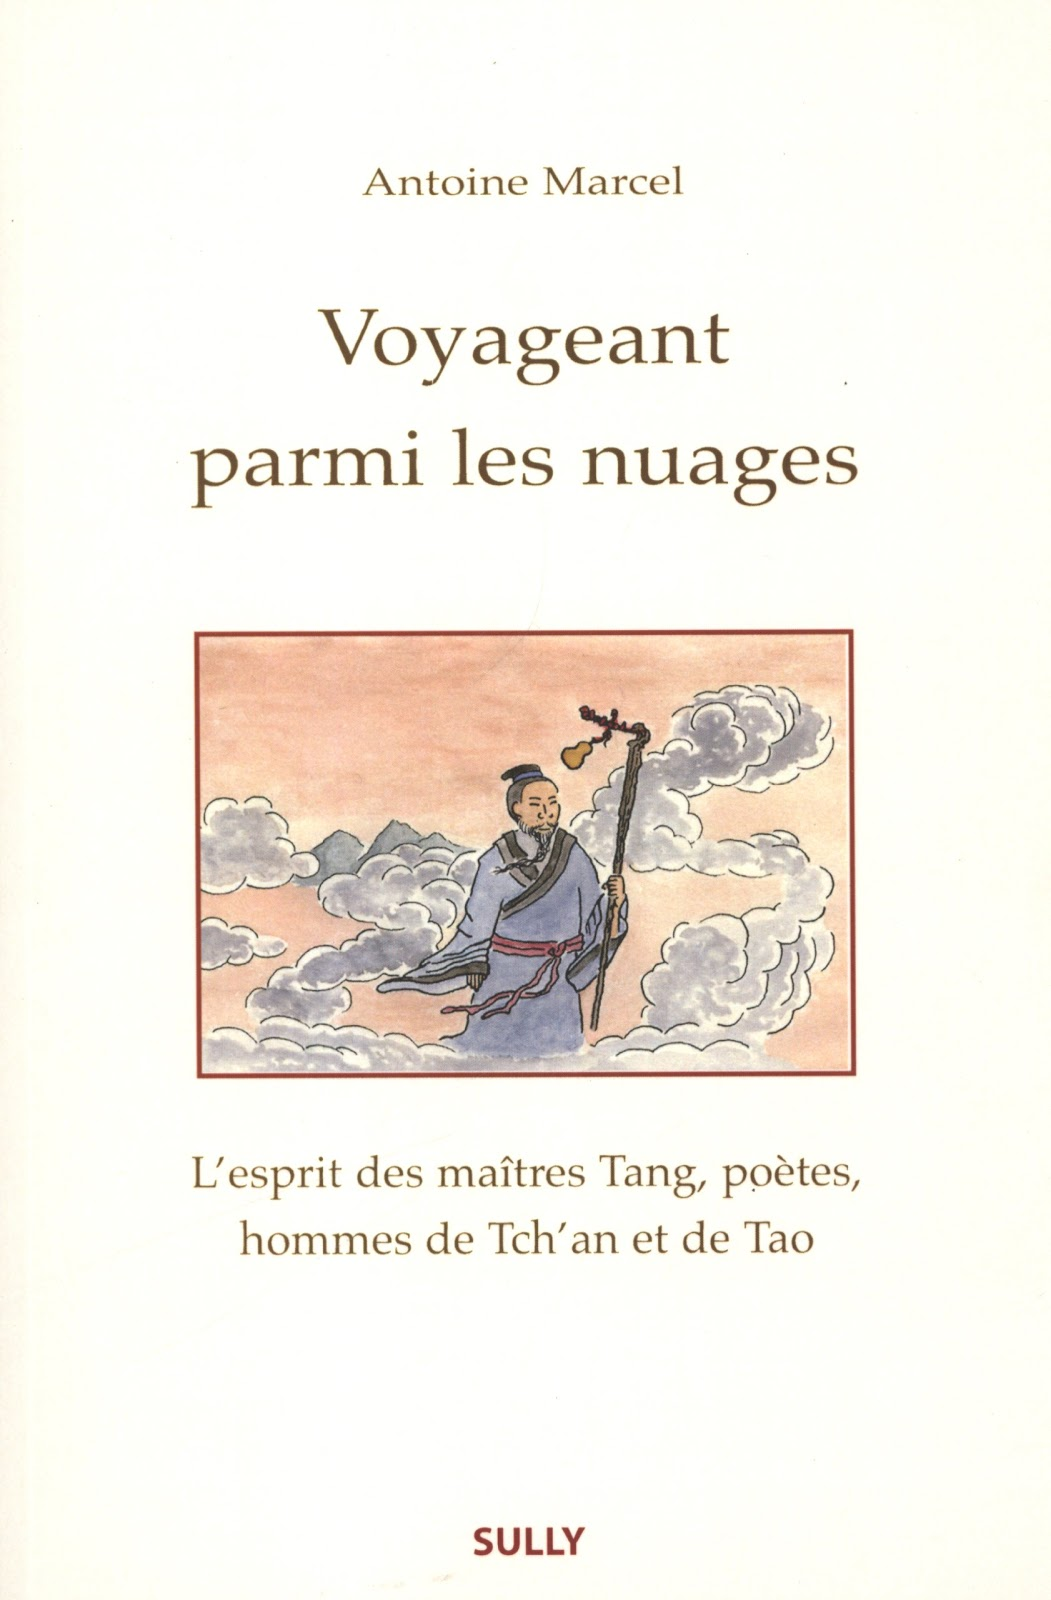 Voyageant parmi les nuages, Antoine Marcel